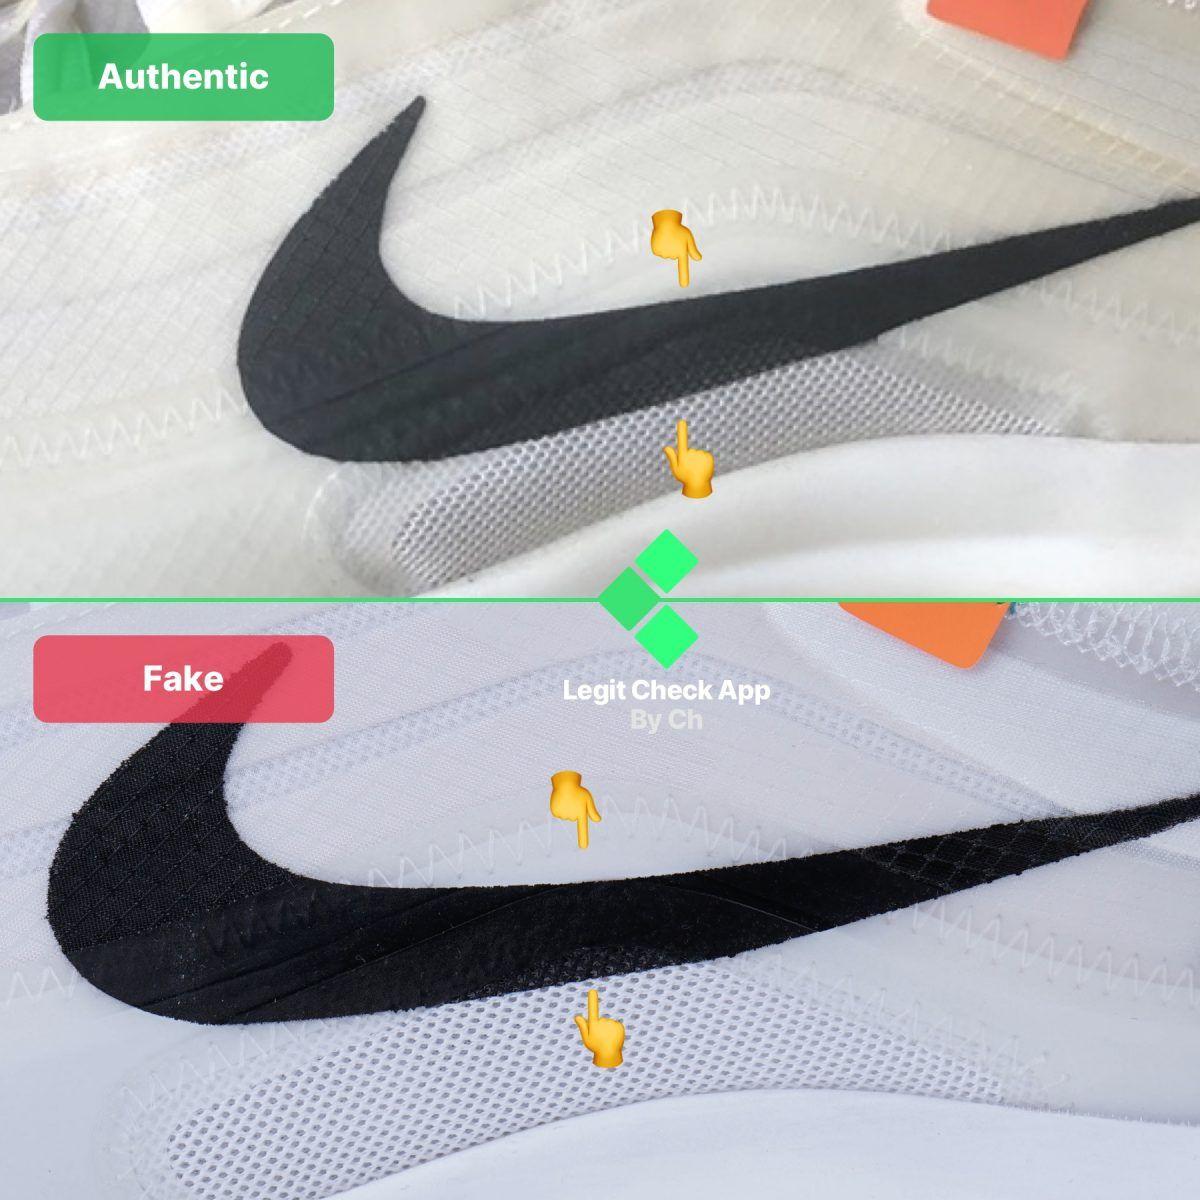 Off White Air Max 97 Og Aj4585 100 Real Vs Fake Guide In 2020 Air Max 97 Air Max Nike Swoosh Logo